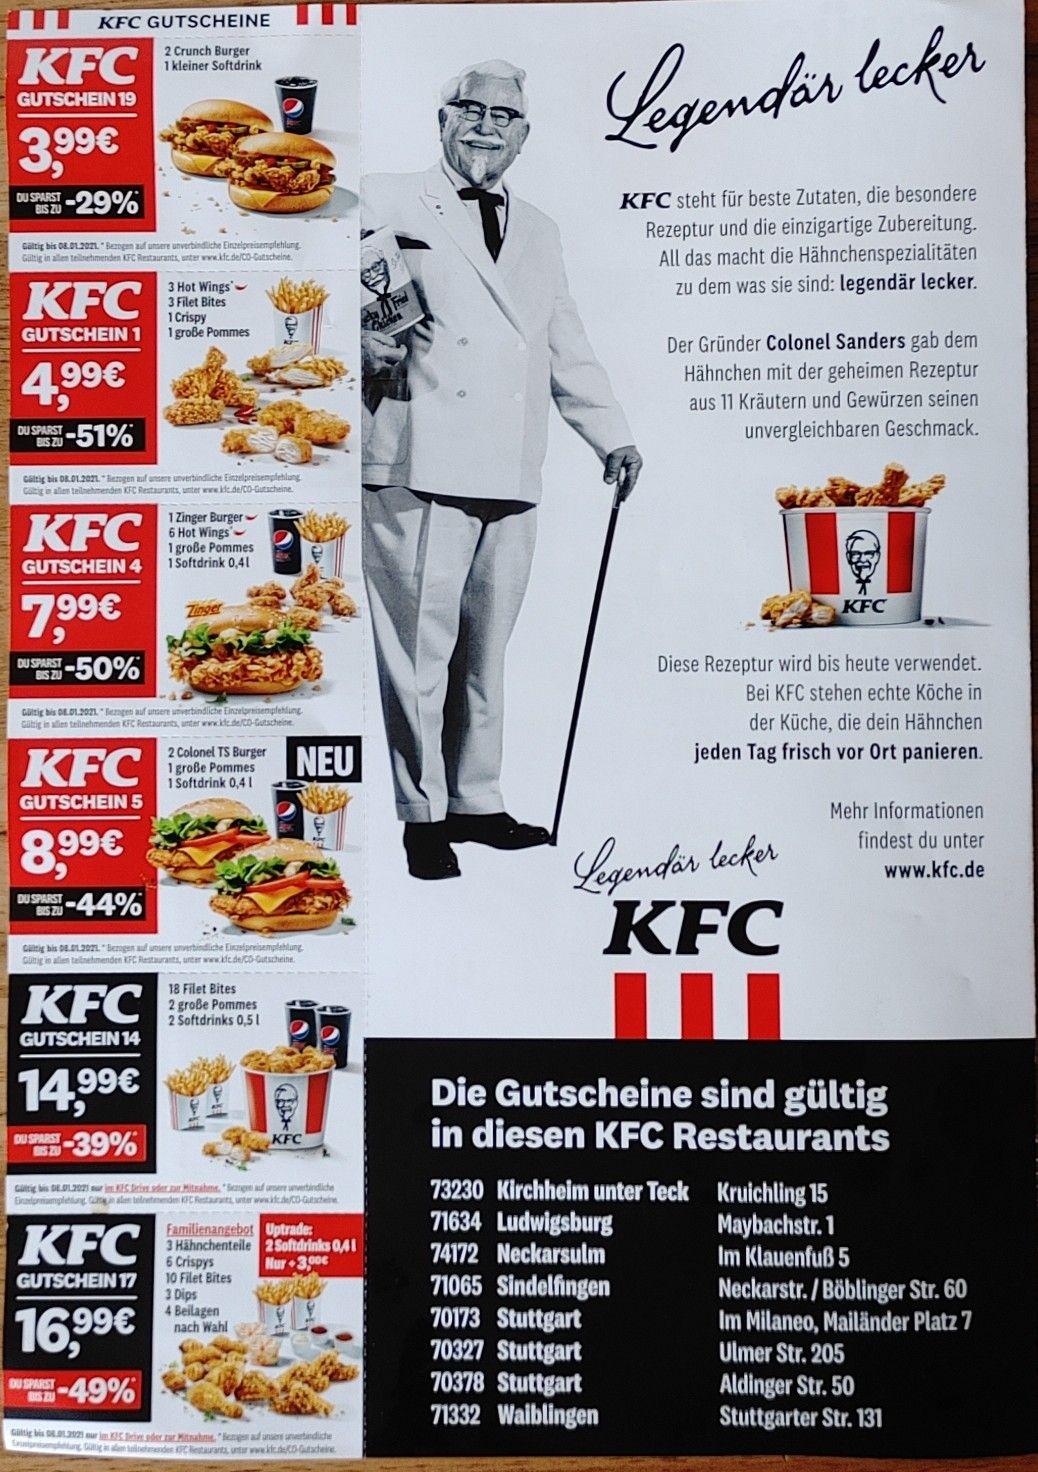 KFC Gutscheine lokal Stuttgart und Umgebung zusätzlich App-Angebote